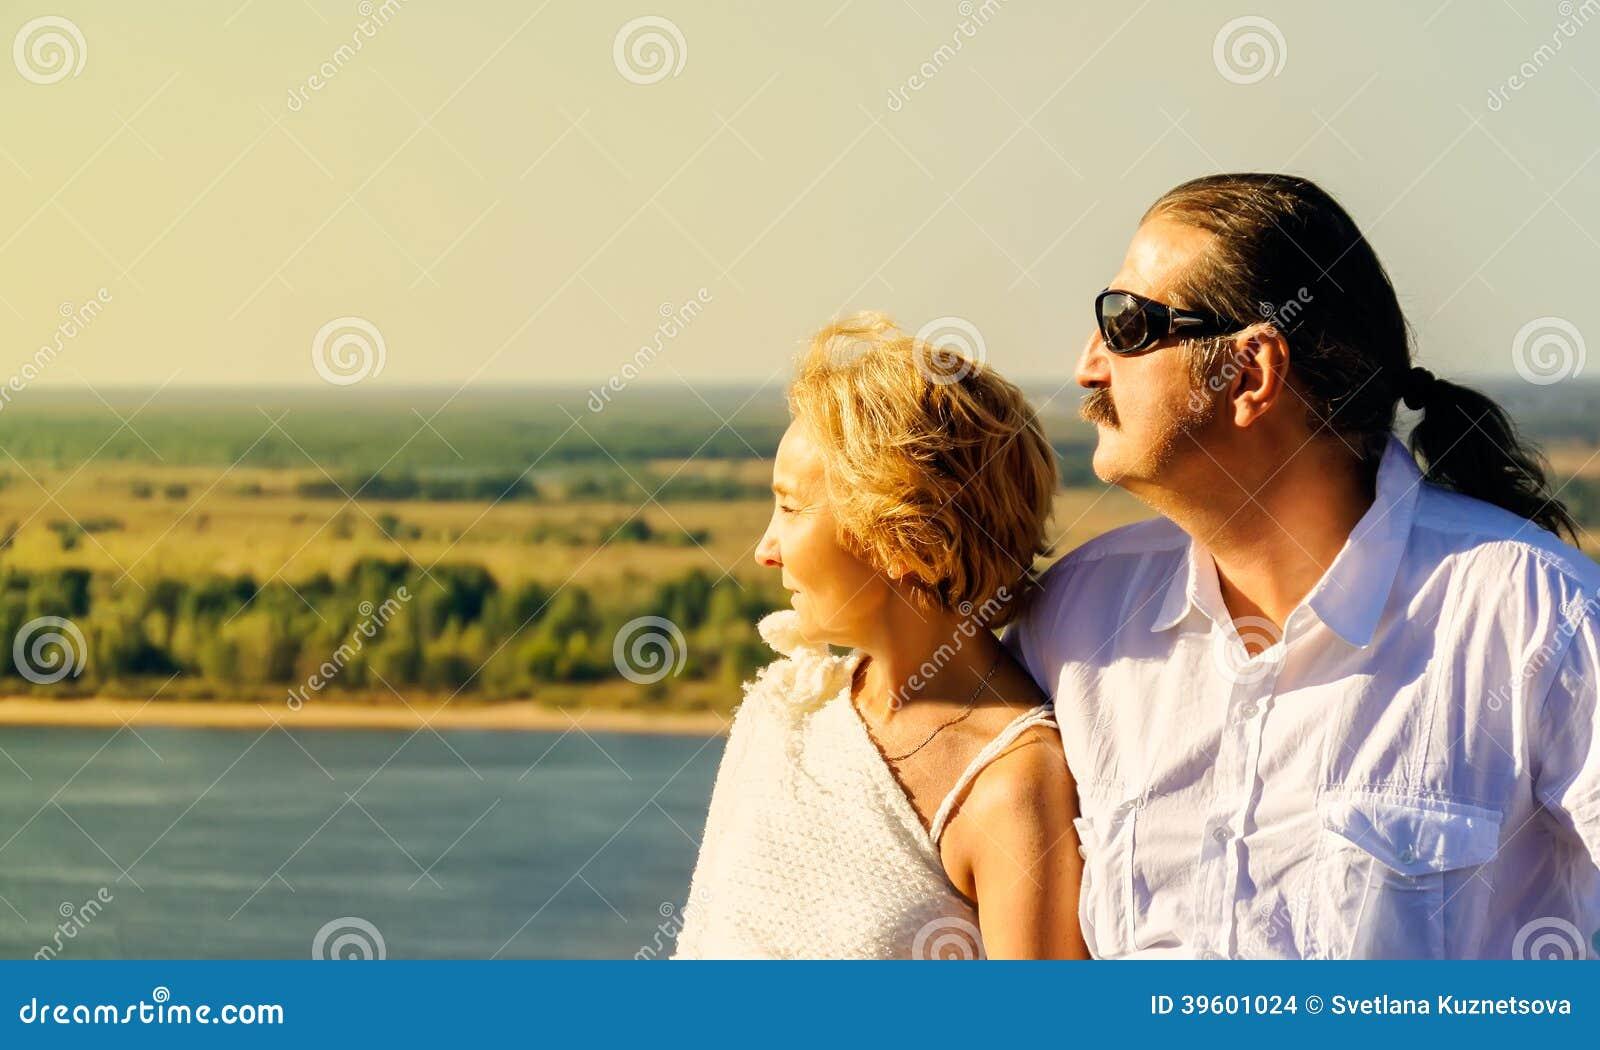 Το ώριμο ζευγάρι κοιτάζει μακρυά προς τον ερχόμενο ήλιο